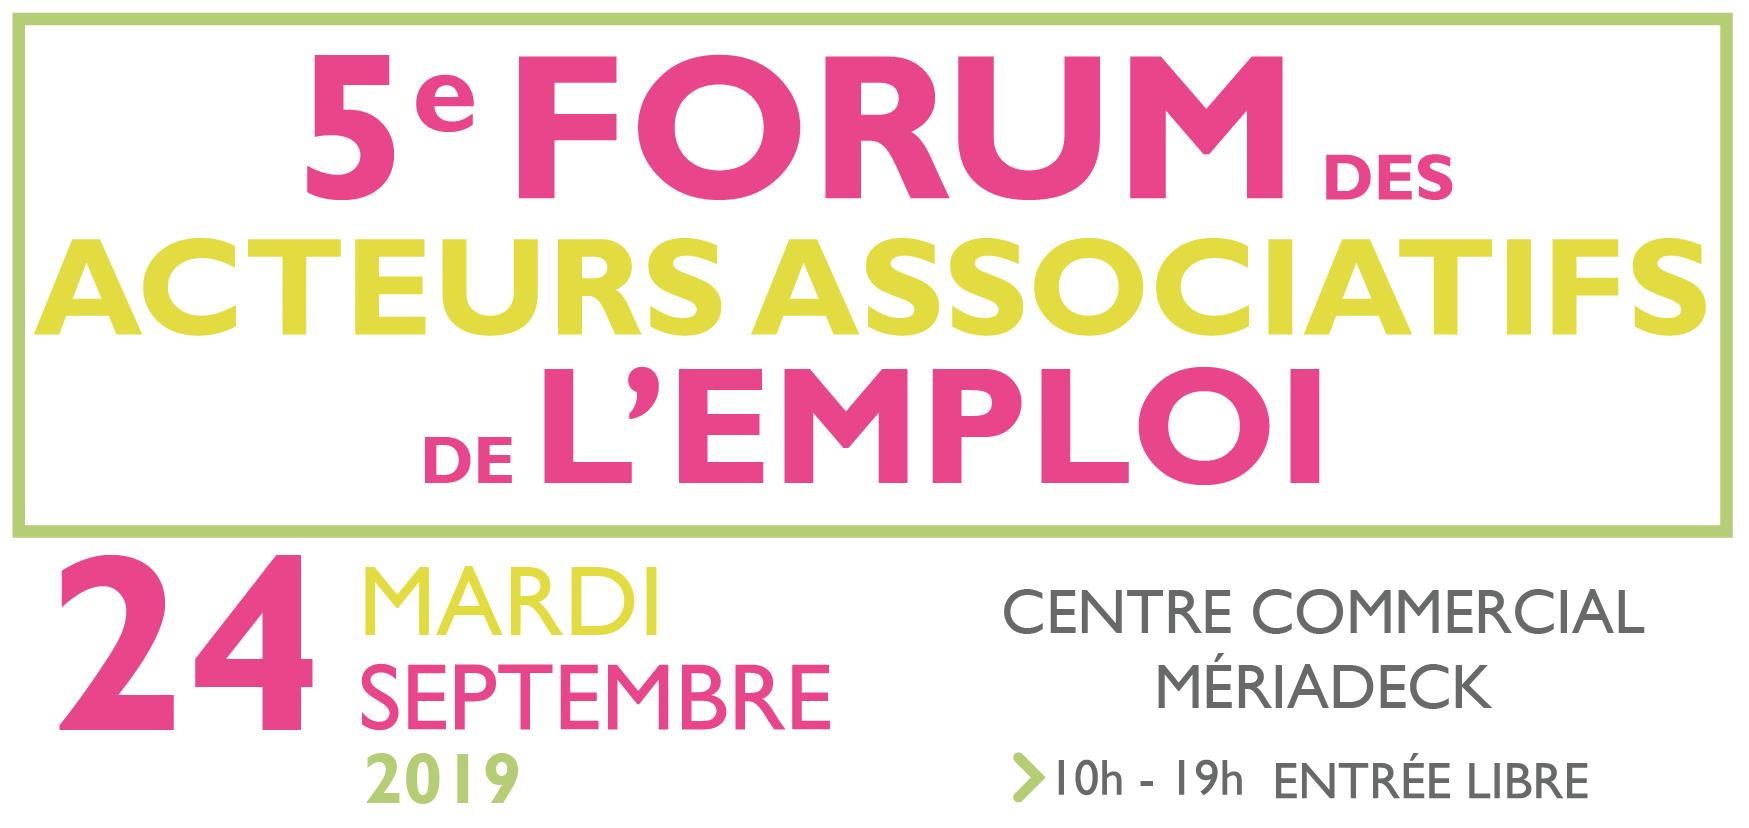 Forum des Acteurs Associatifs de l'Emploi 1